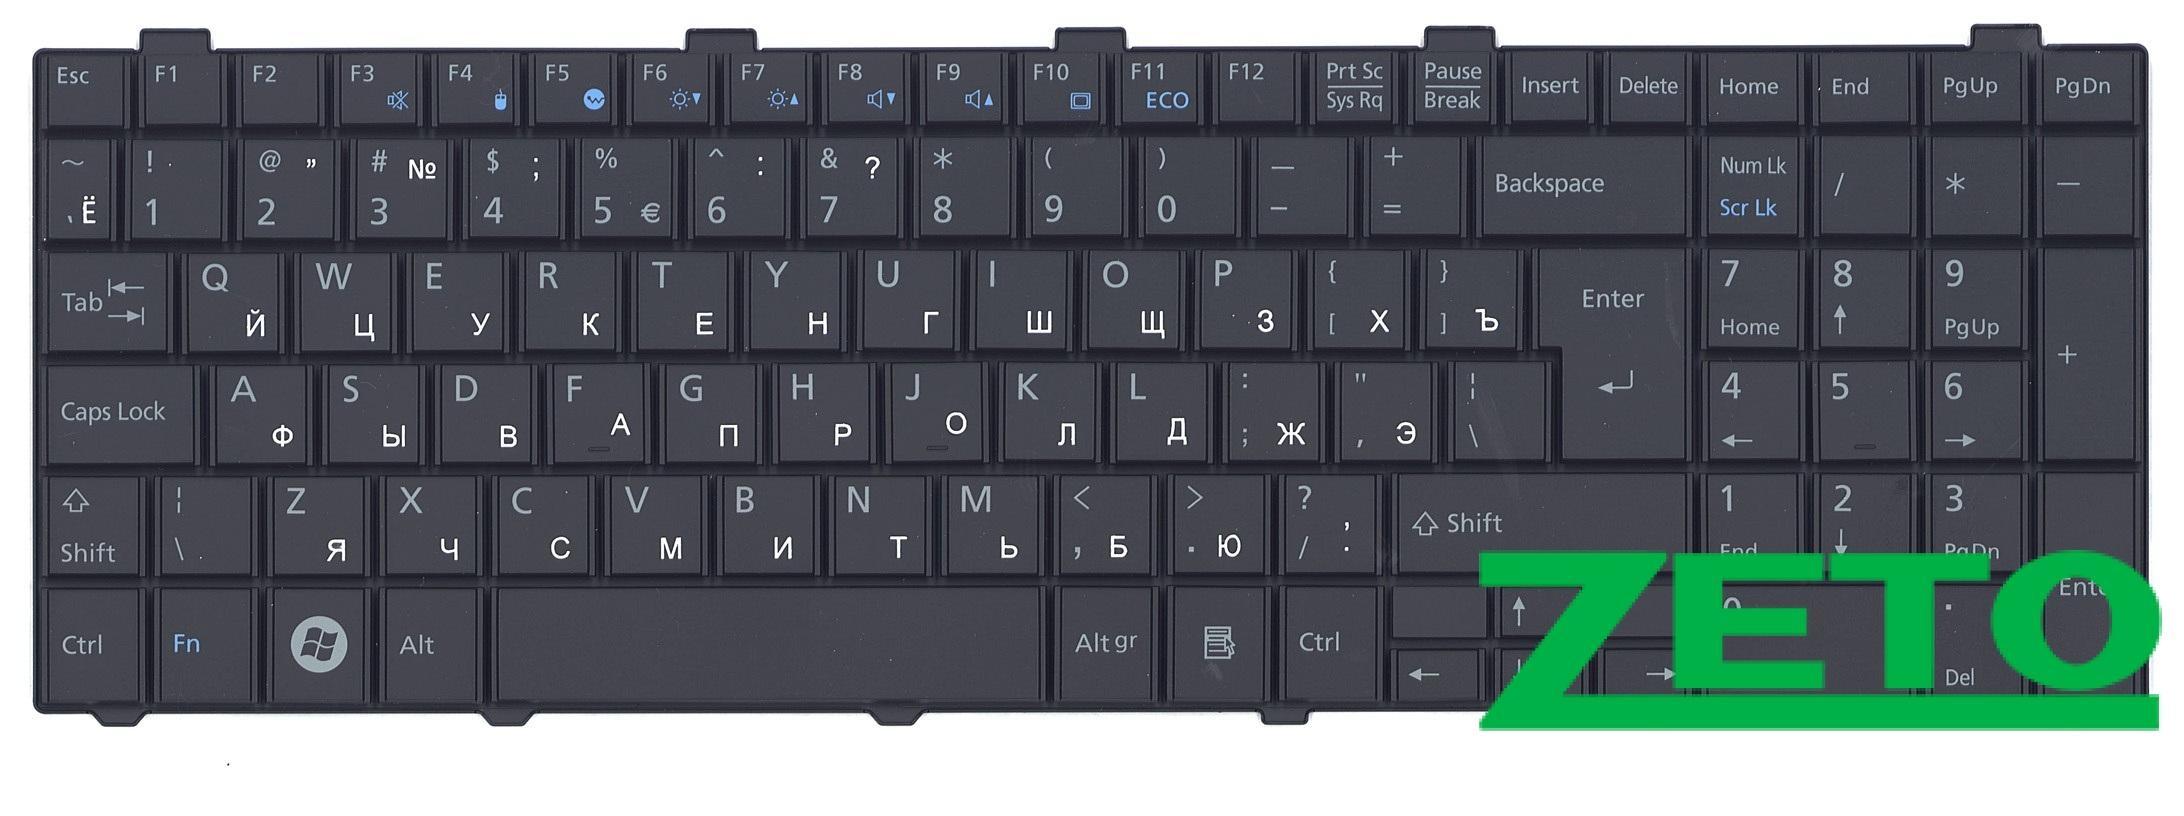 раскладка клавиатуры на фотографии